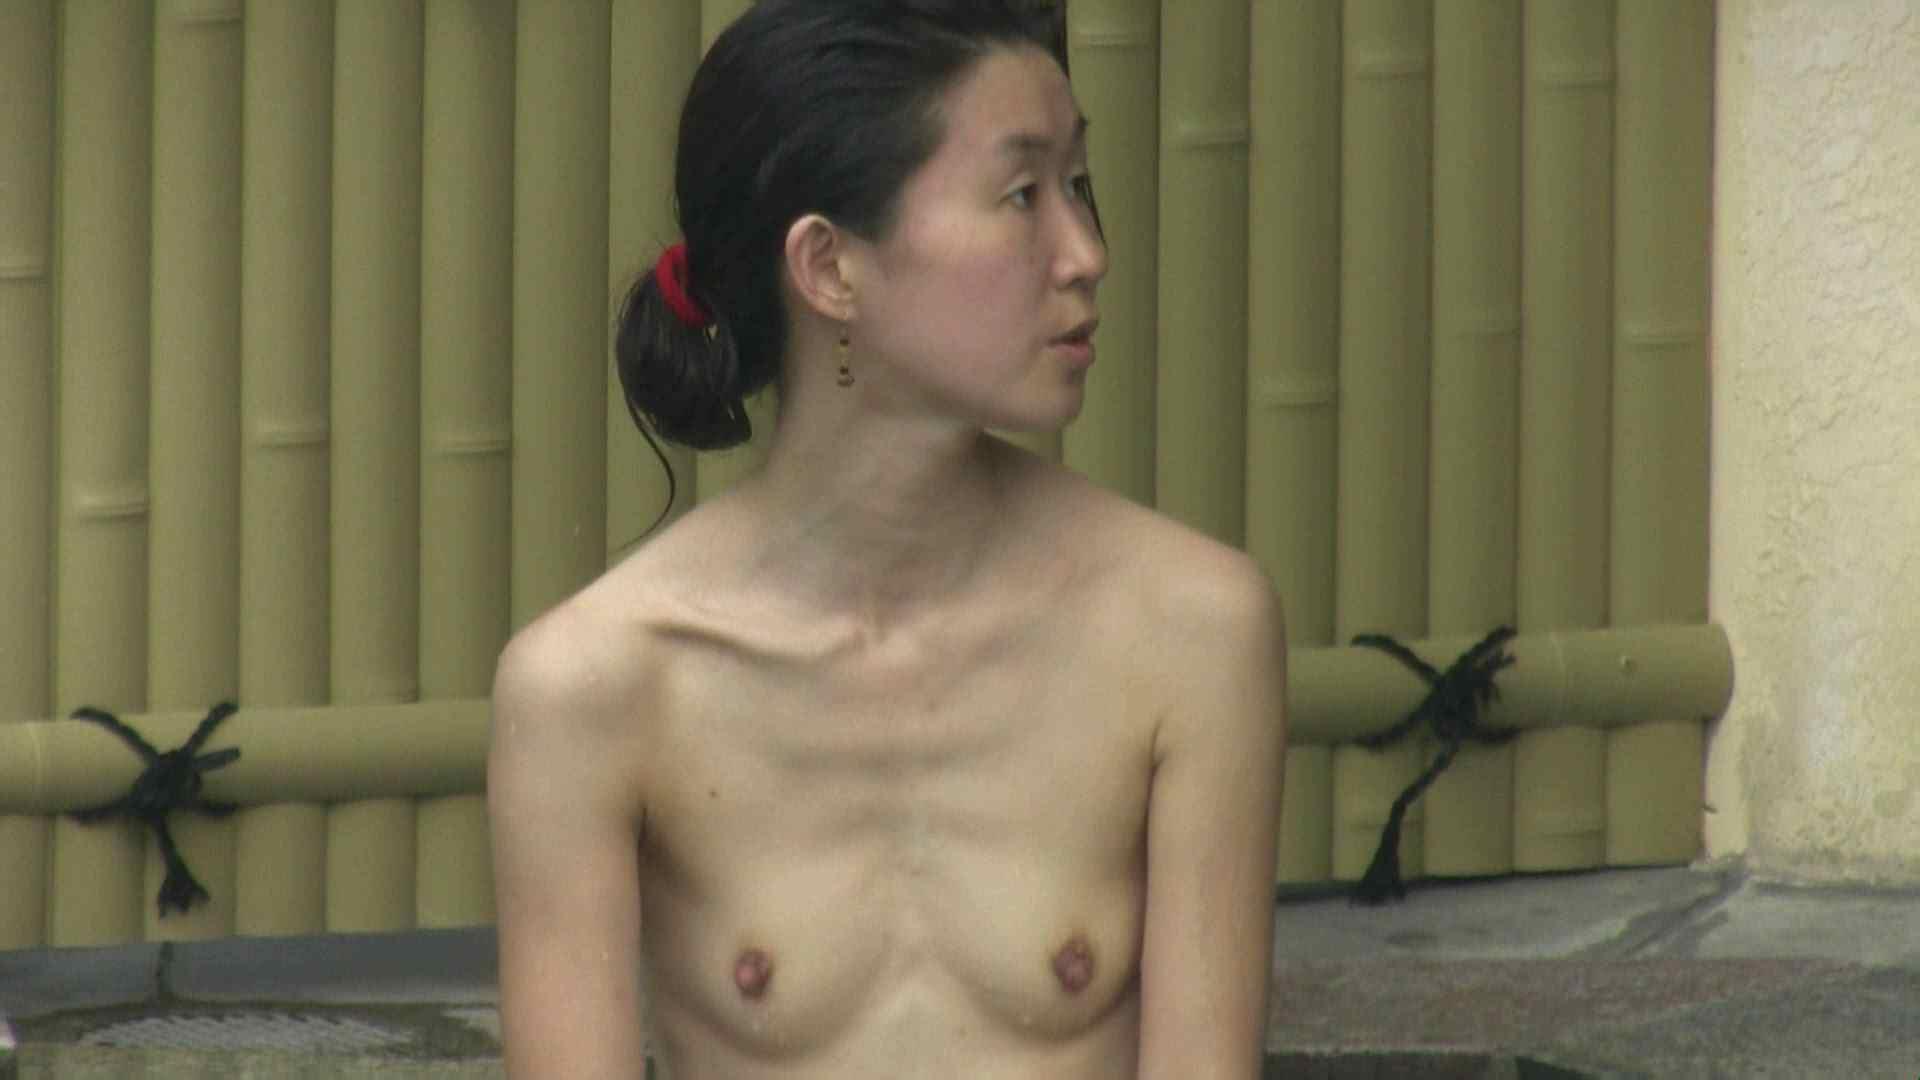 高画質露天女風呂観察 vol.031 乙女のエロ動画 性交動画流出 104PIX 27